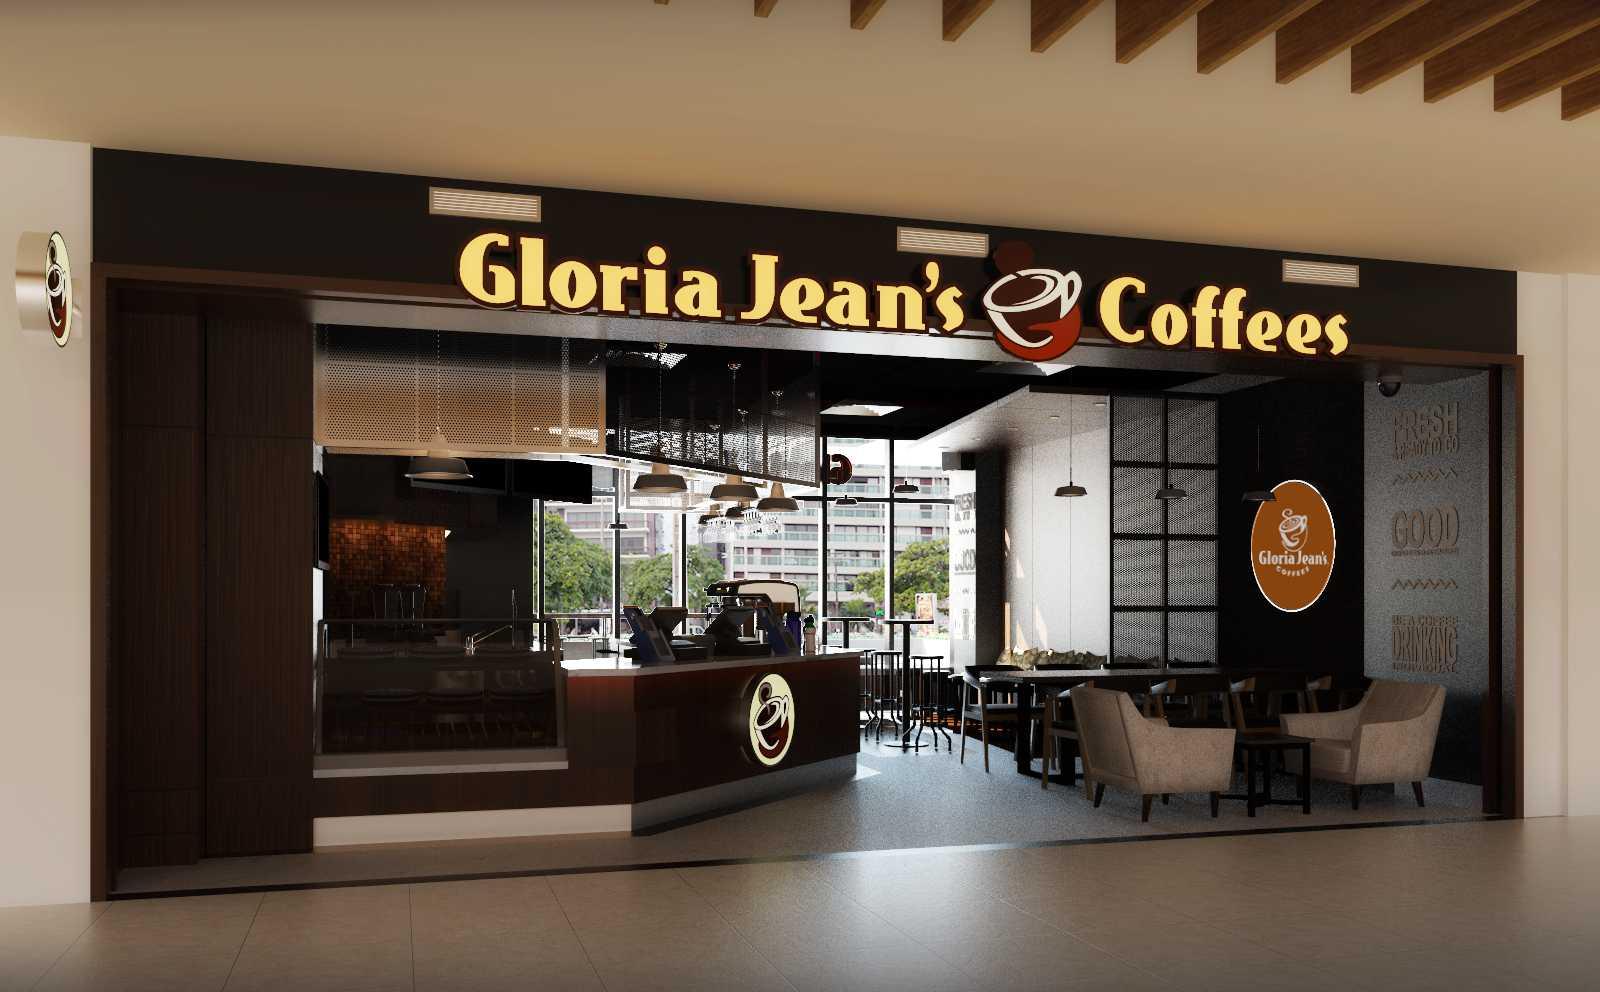 Foto inspirasi ide desain pintu masuk industrial Mbartliving-gloria-jeans-coffee-indonesia oleh MBartliving di Arsitag